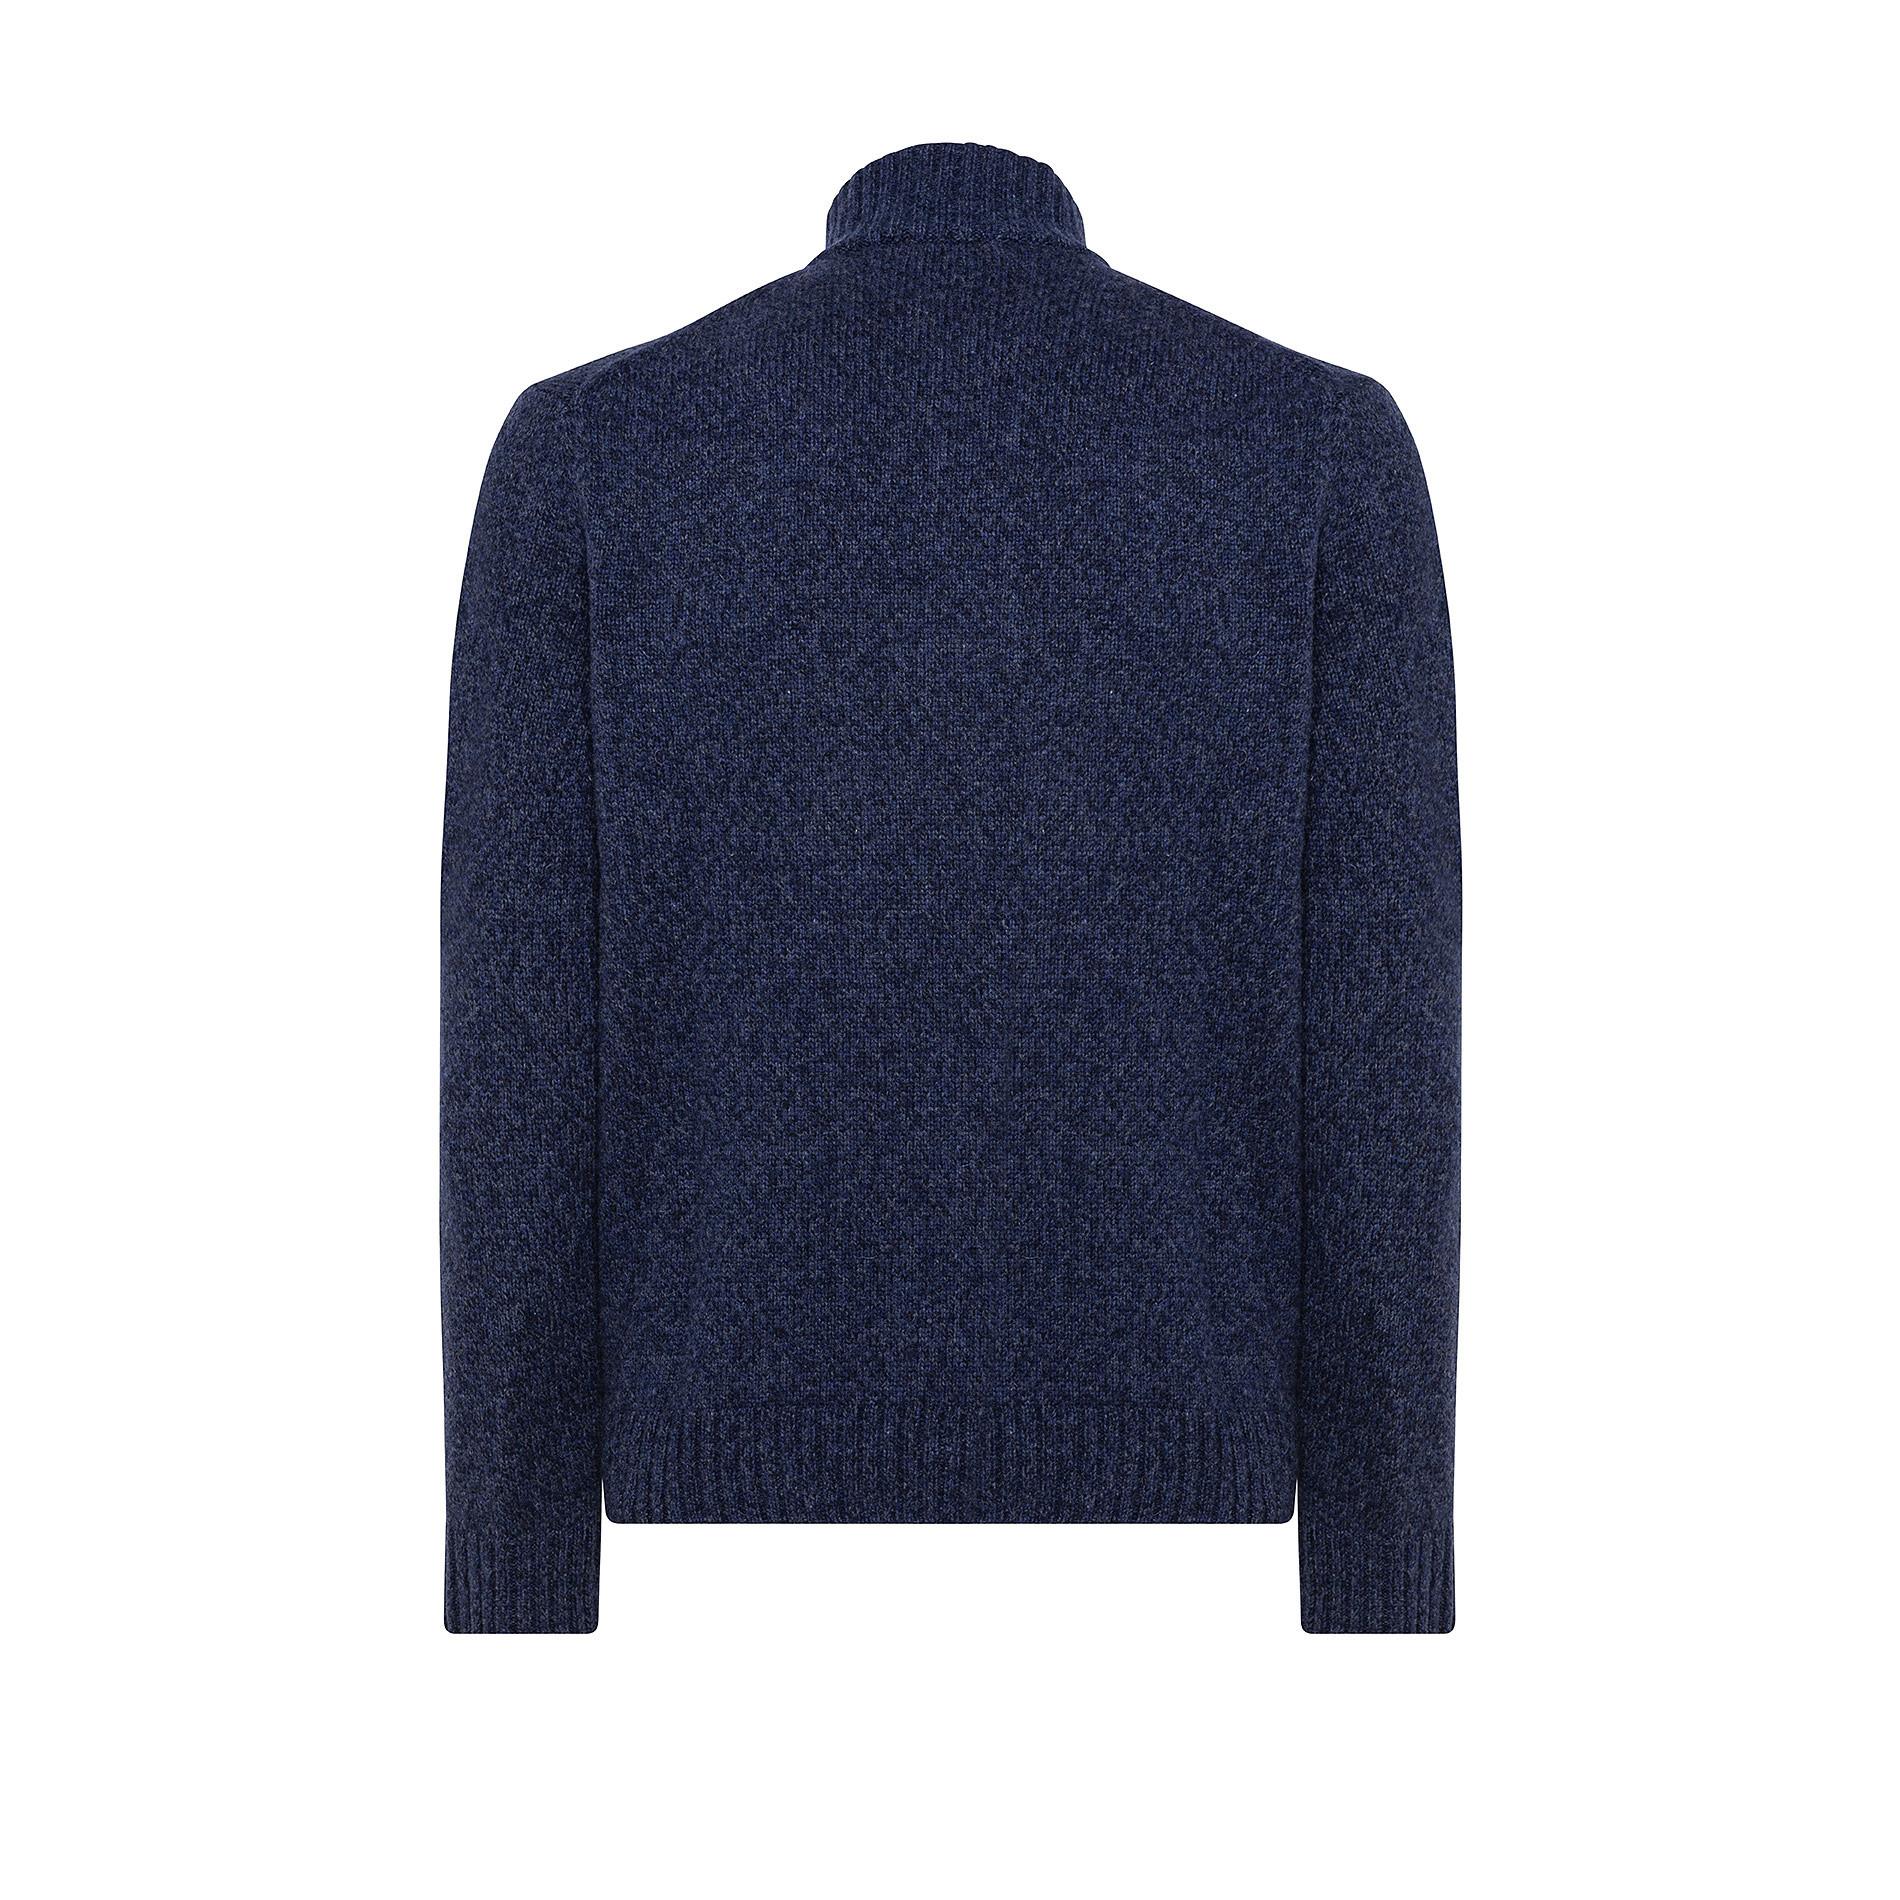 Pullover collo alto lavorazione mouliné, Blu, large image number 1